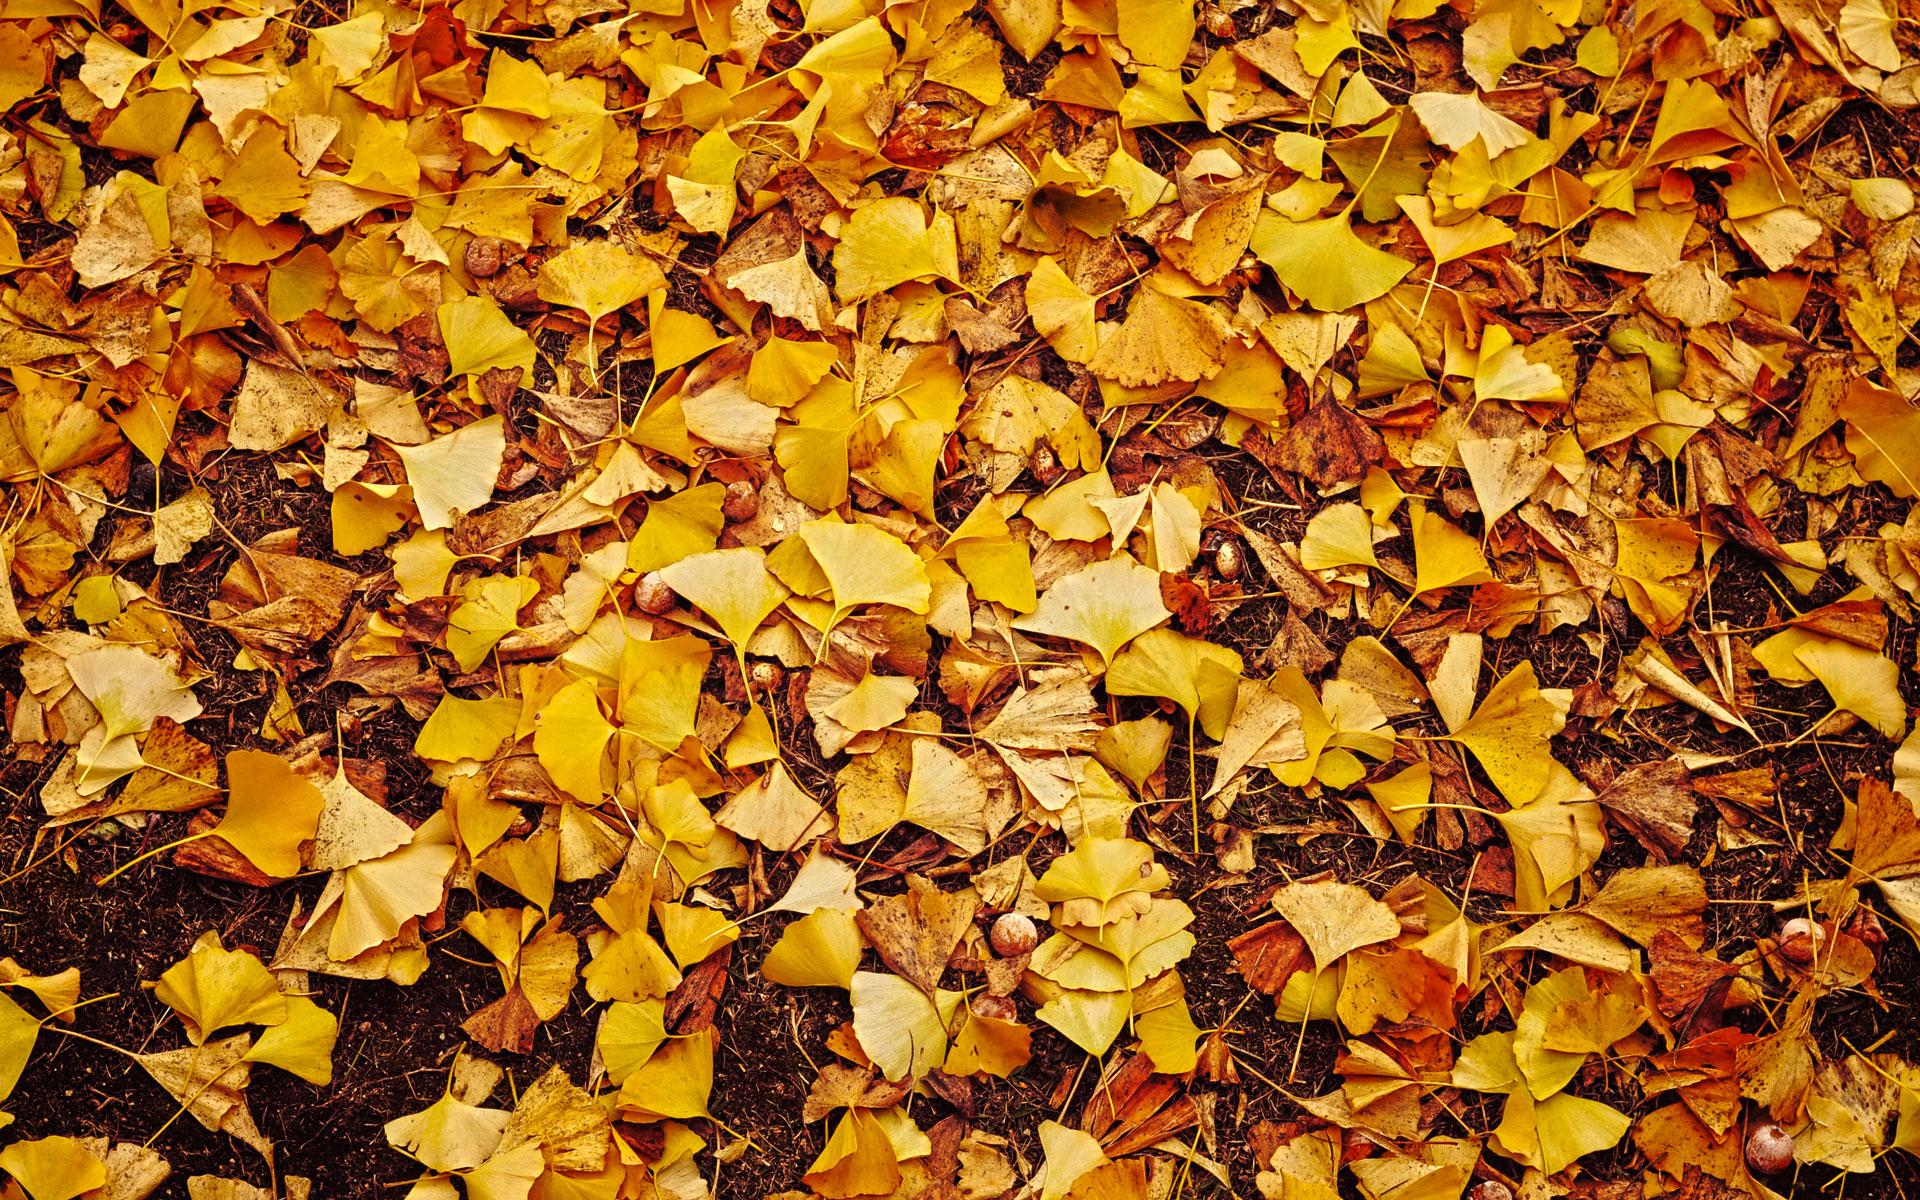 Fall Themed Wallpaper Desktop Leaves Yellow Hd Desktop Wallpapers 4k Hd